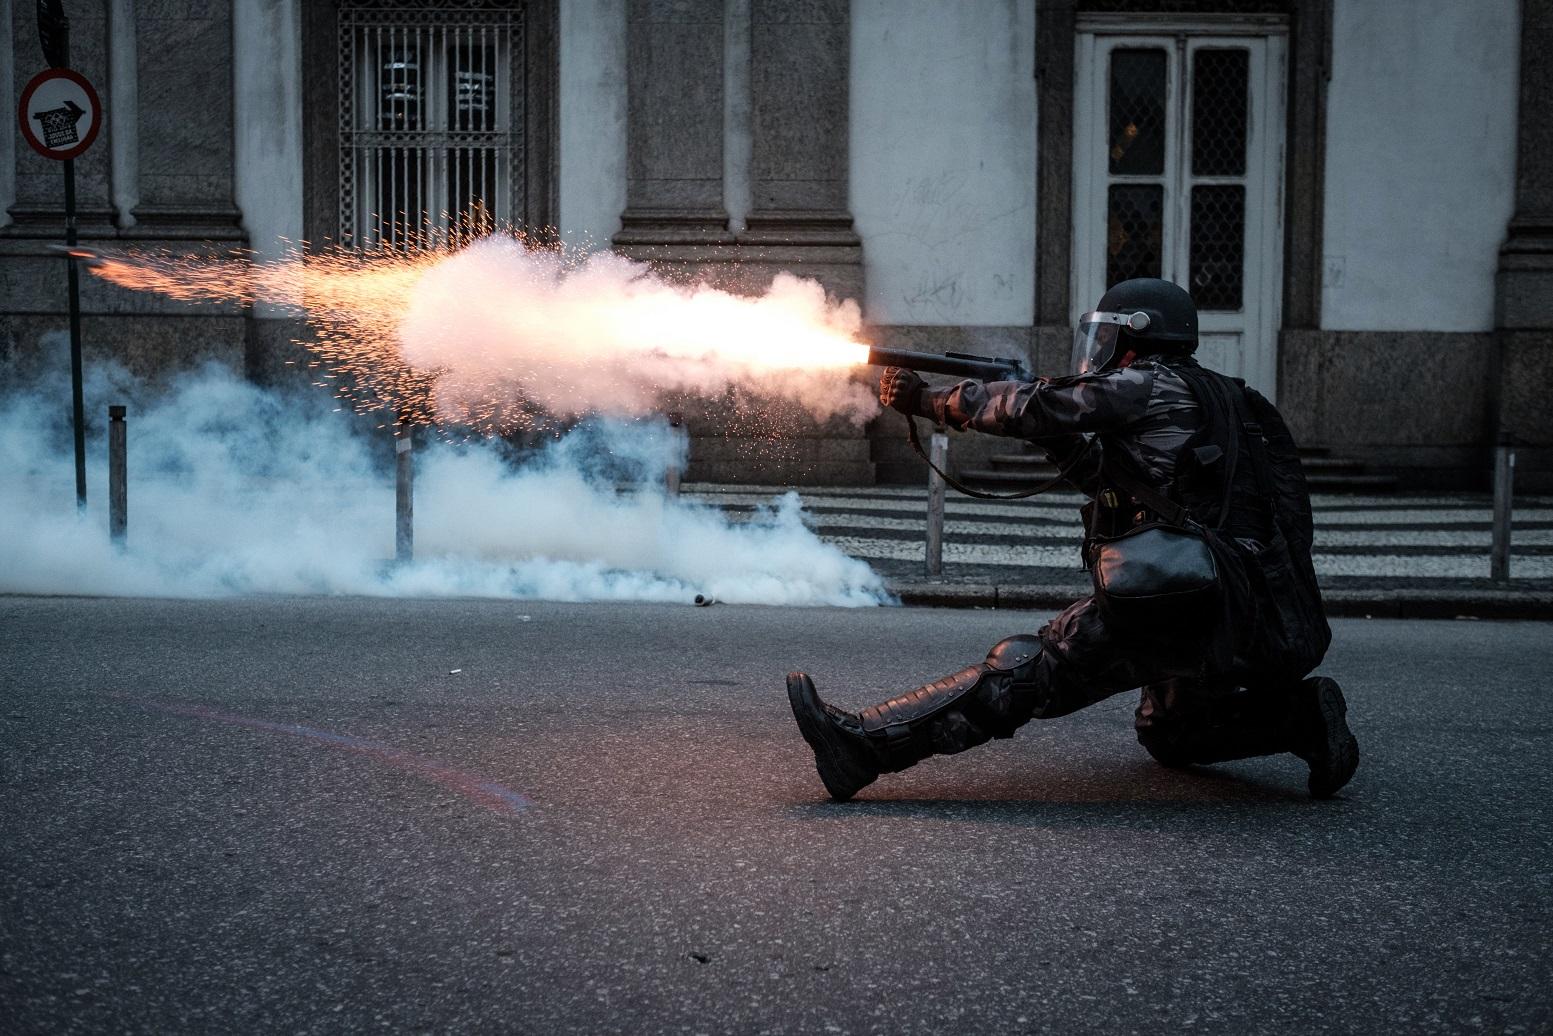 Policial dispara uma bomba de gás durante manifestação no Centro do Rio. Foto Yasuyoshi Chiba/AFP